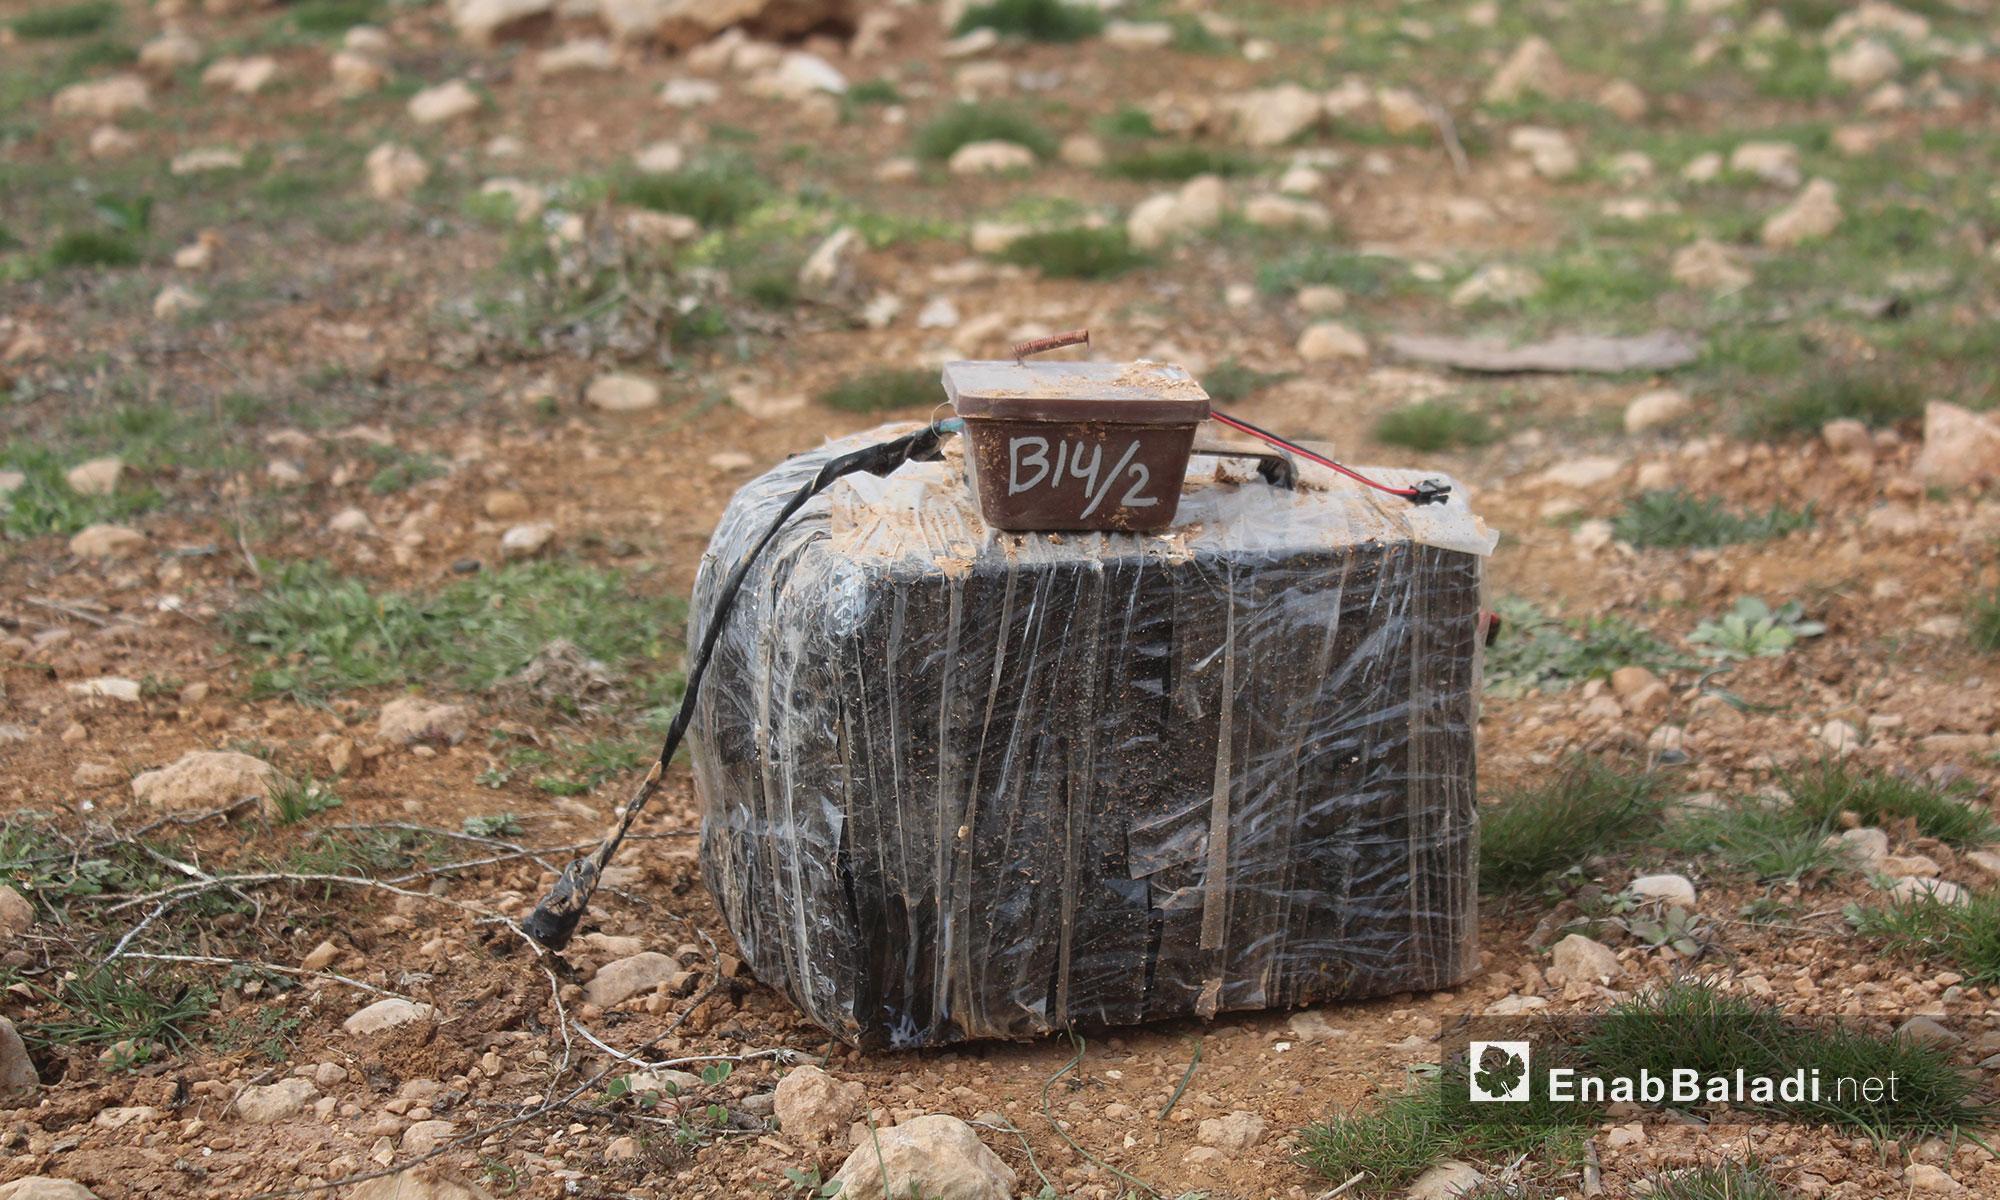 """أحد الألغام التي زرعها مقاتلو """"تنظيم الدولة"""" في محيط الباب - 12 شباط 2017 (عنب بلدي)"""